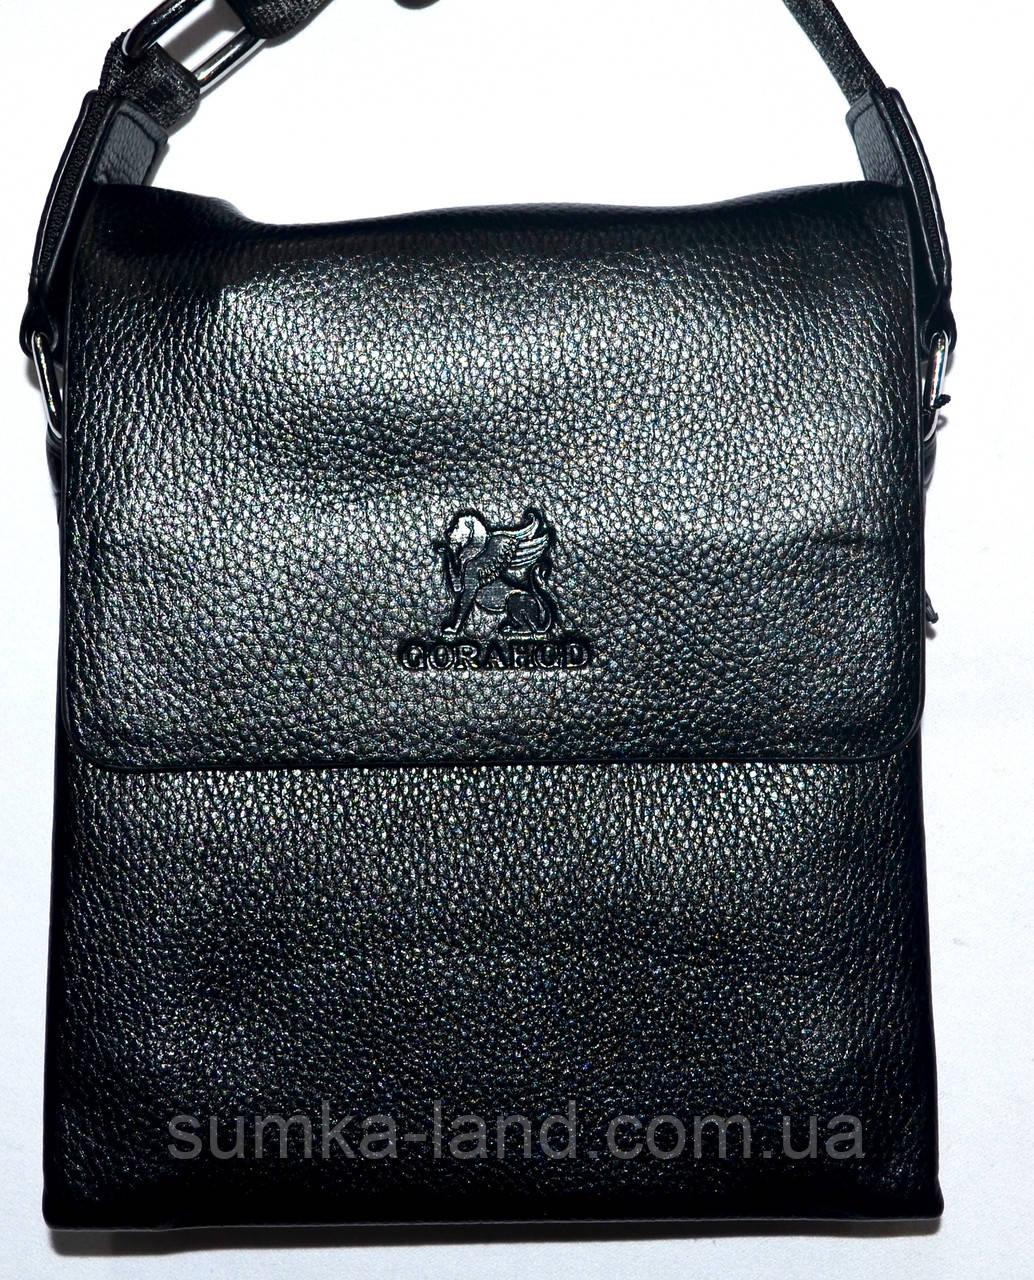 8924ab1869e0 Мужская кожаная сумка барсетка через плечо 17*21 в черном цвете ...